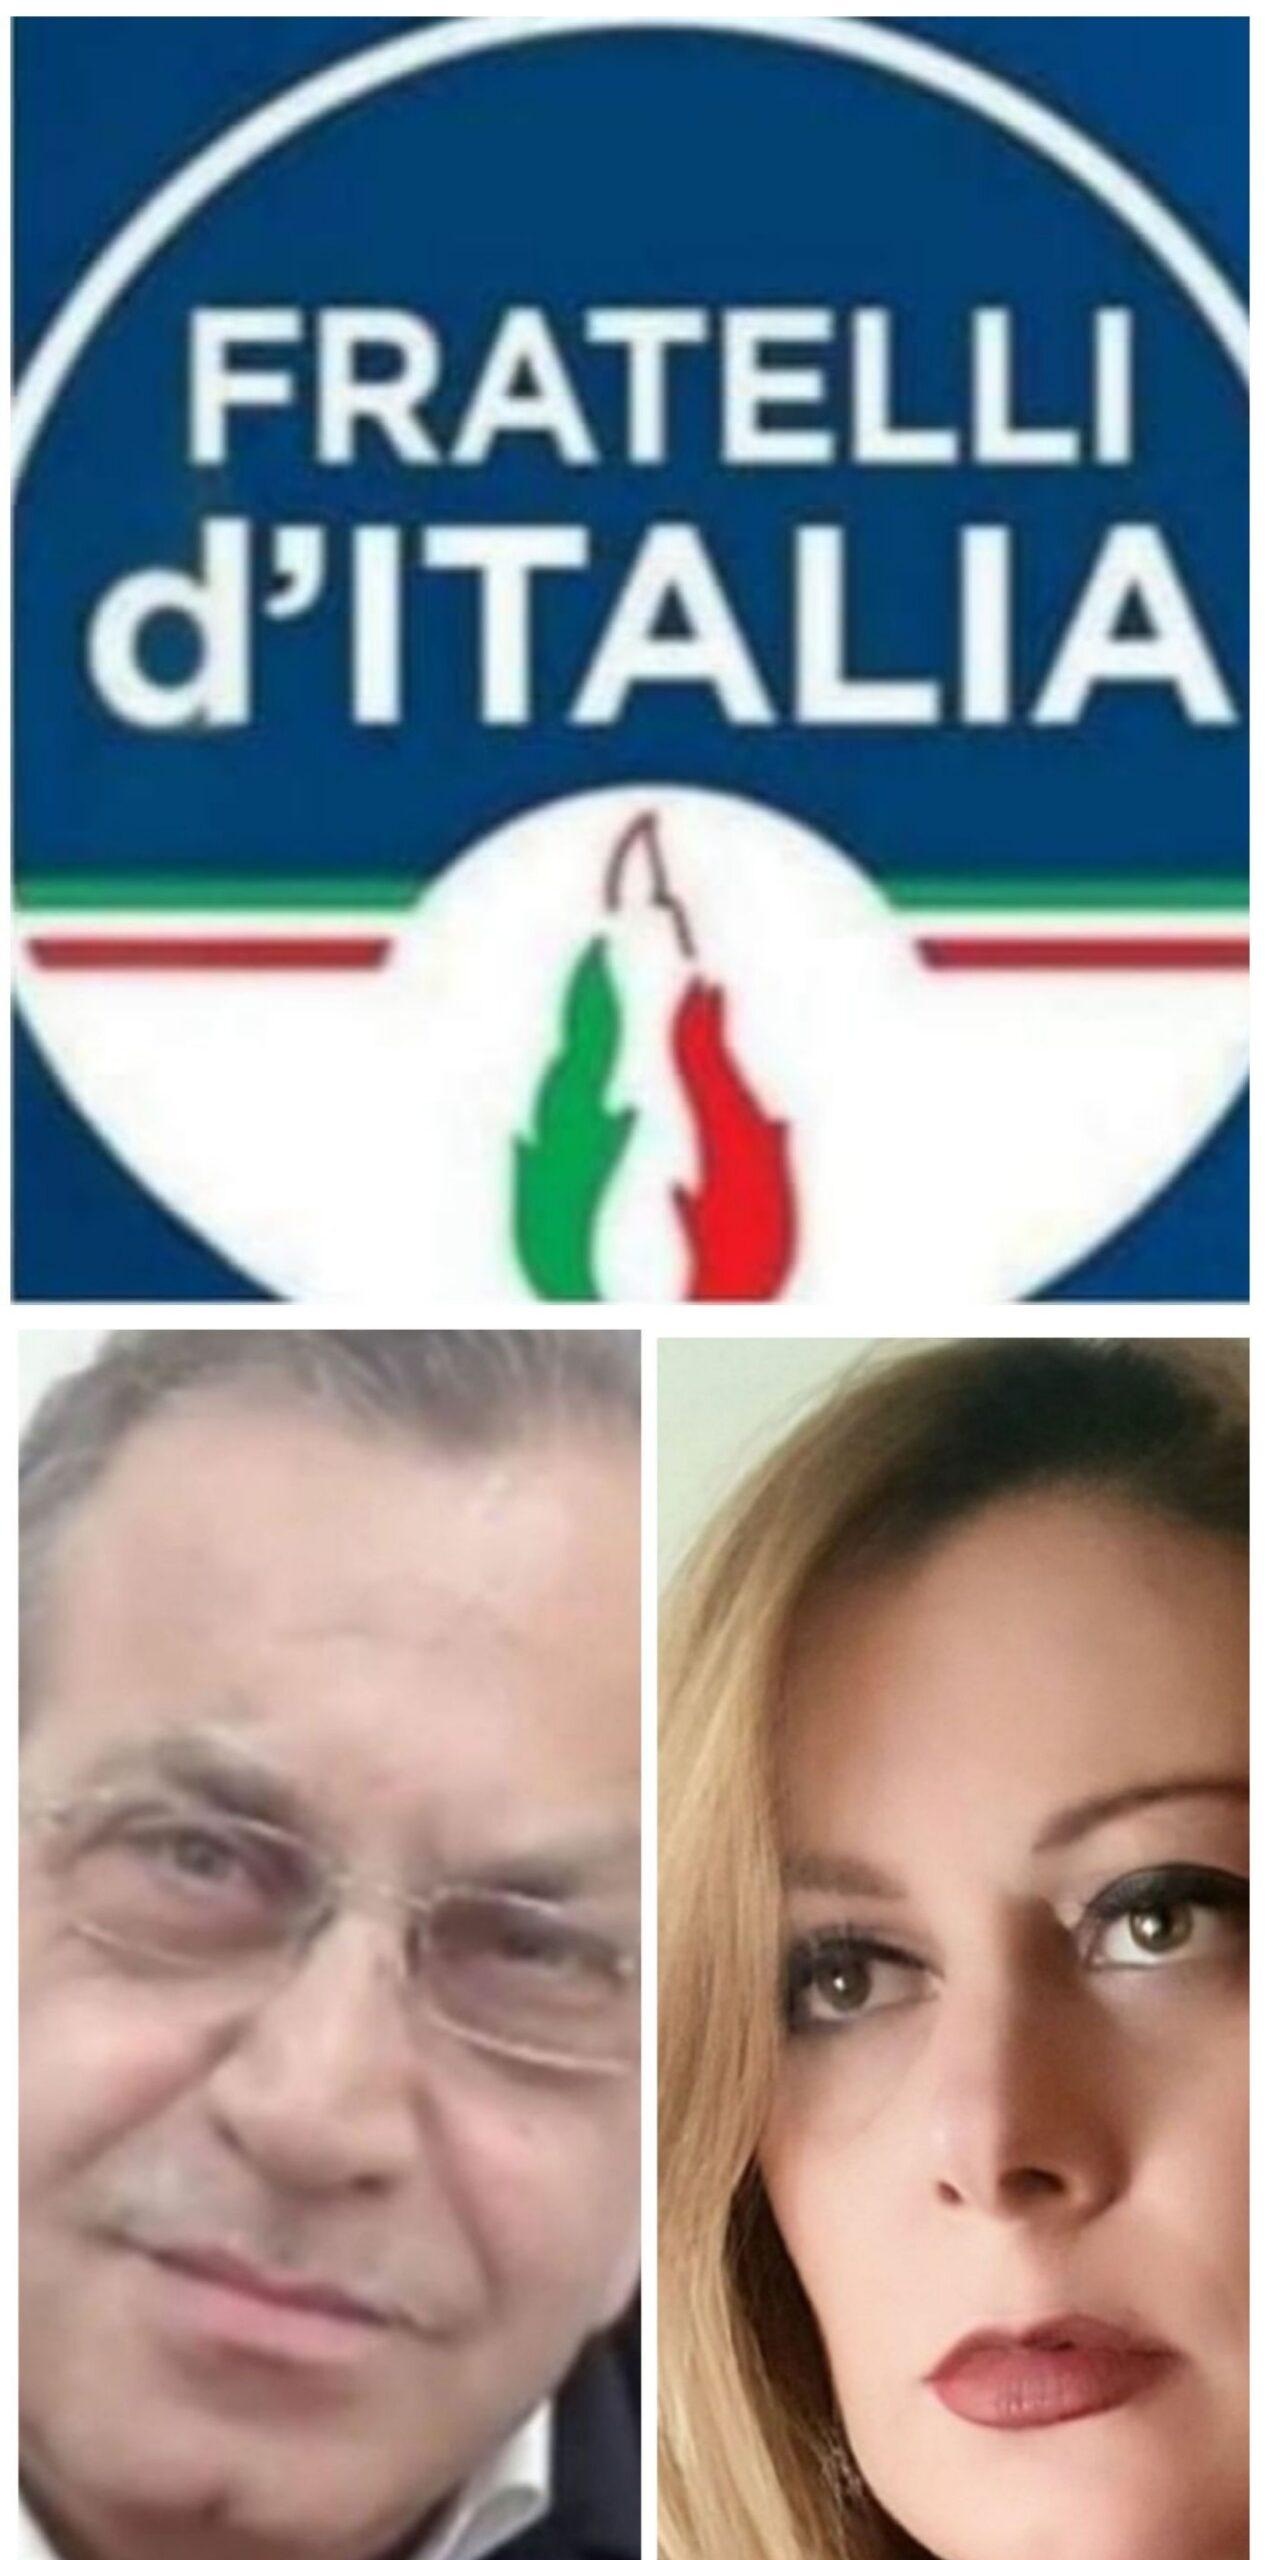 Stefano Mariano e Adriana Giusti FdI Caserta scaled CASERTA, COMUNALI 2021: CENTRODESTRA E MOVIMENTI CIVICI LAVORANO PER IL CANDIDATO SINDACO